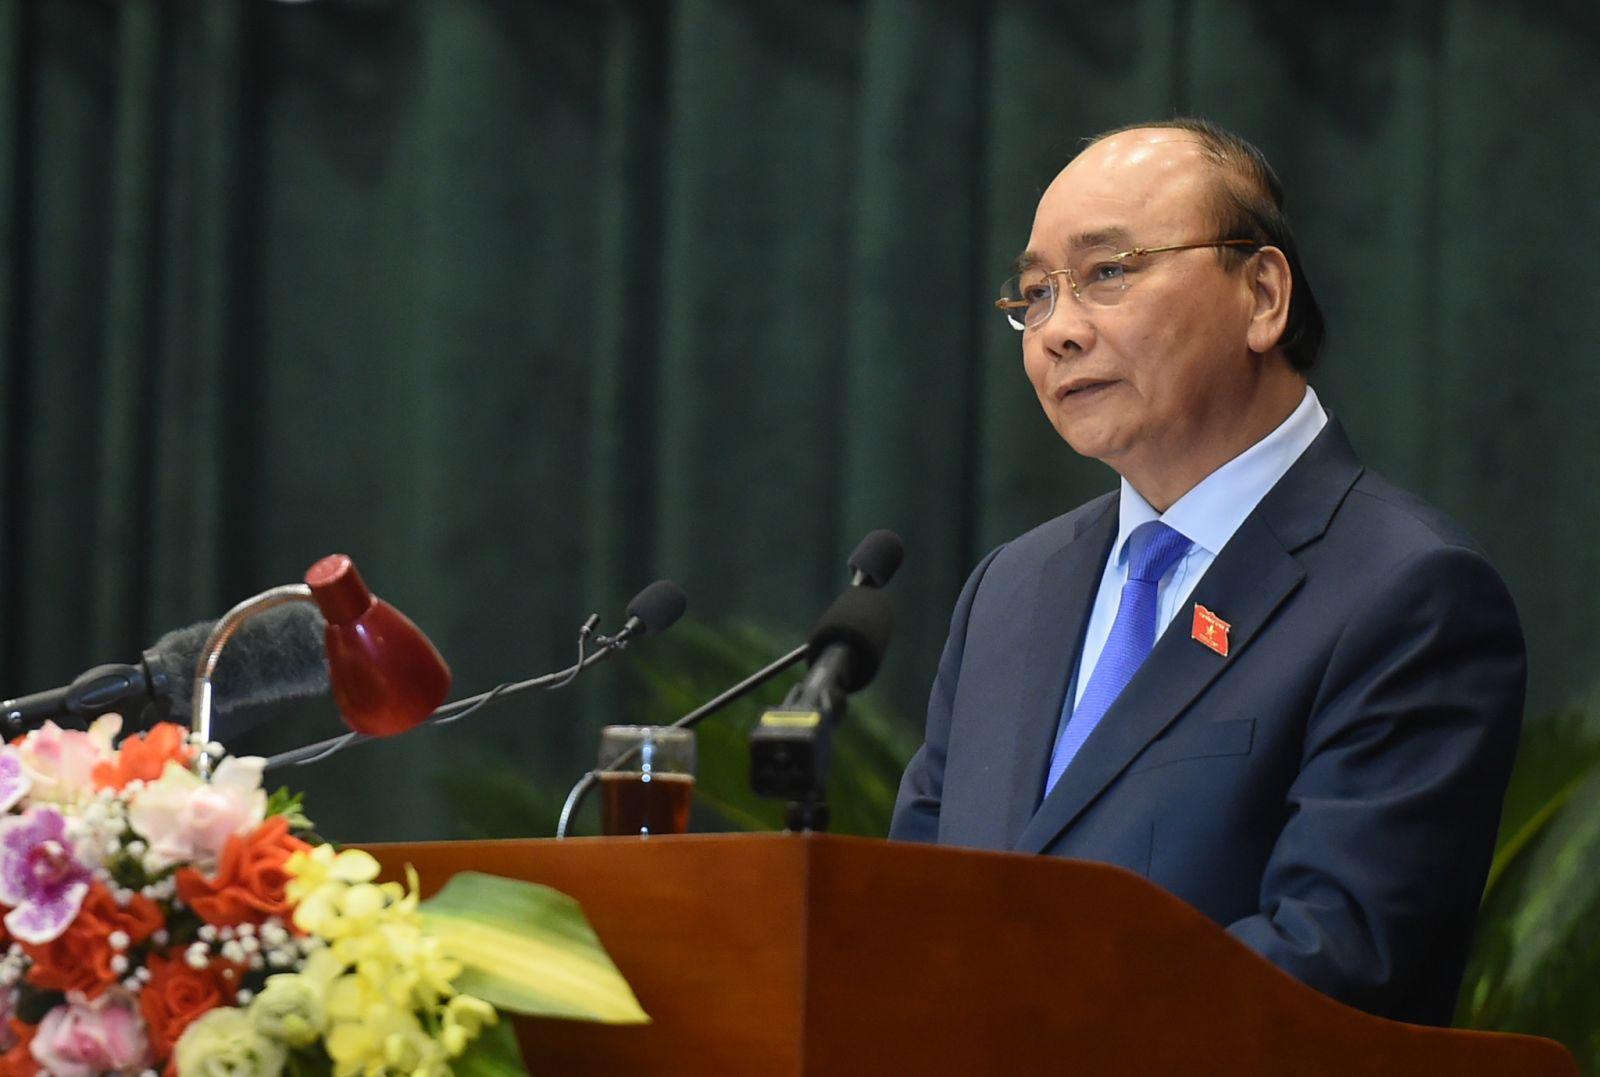 Thủ tướng phát biểu với cử tri Hải Phòng. Ảnh: VGP/Quang Hiếu